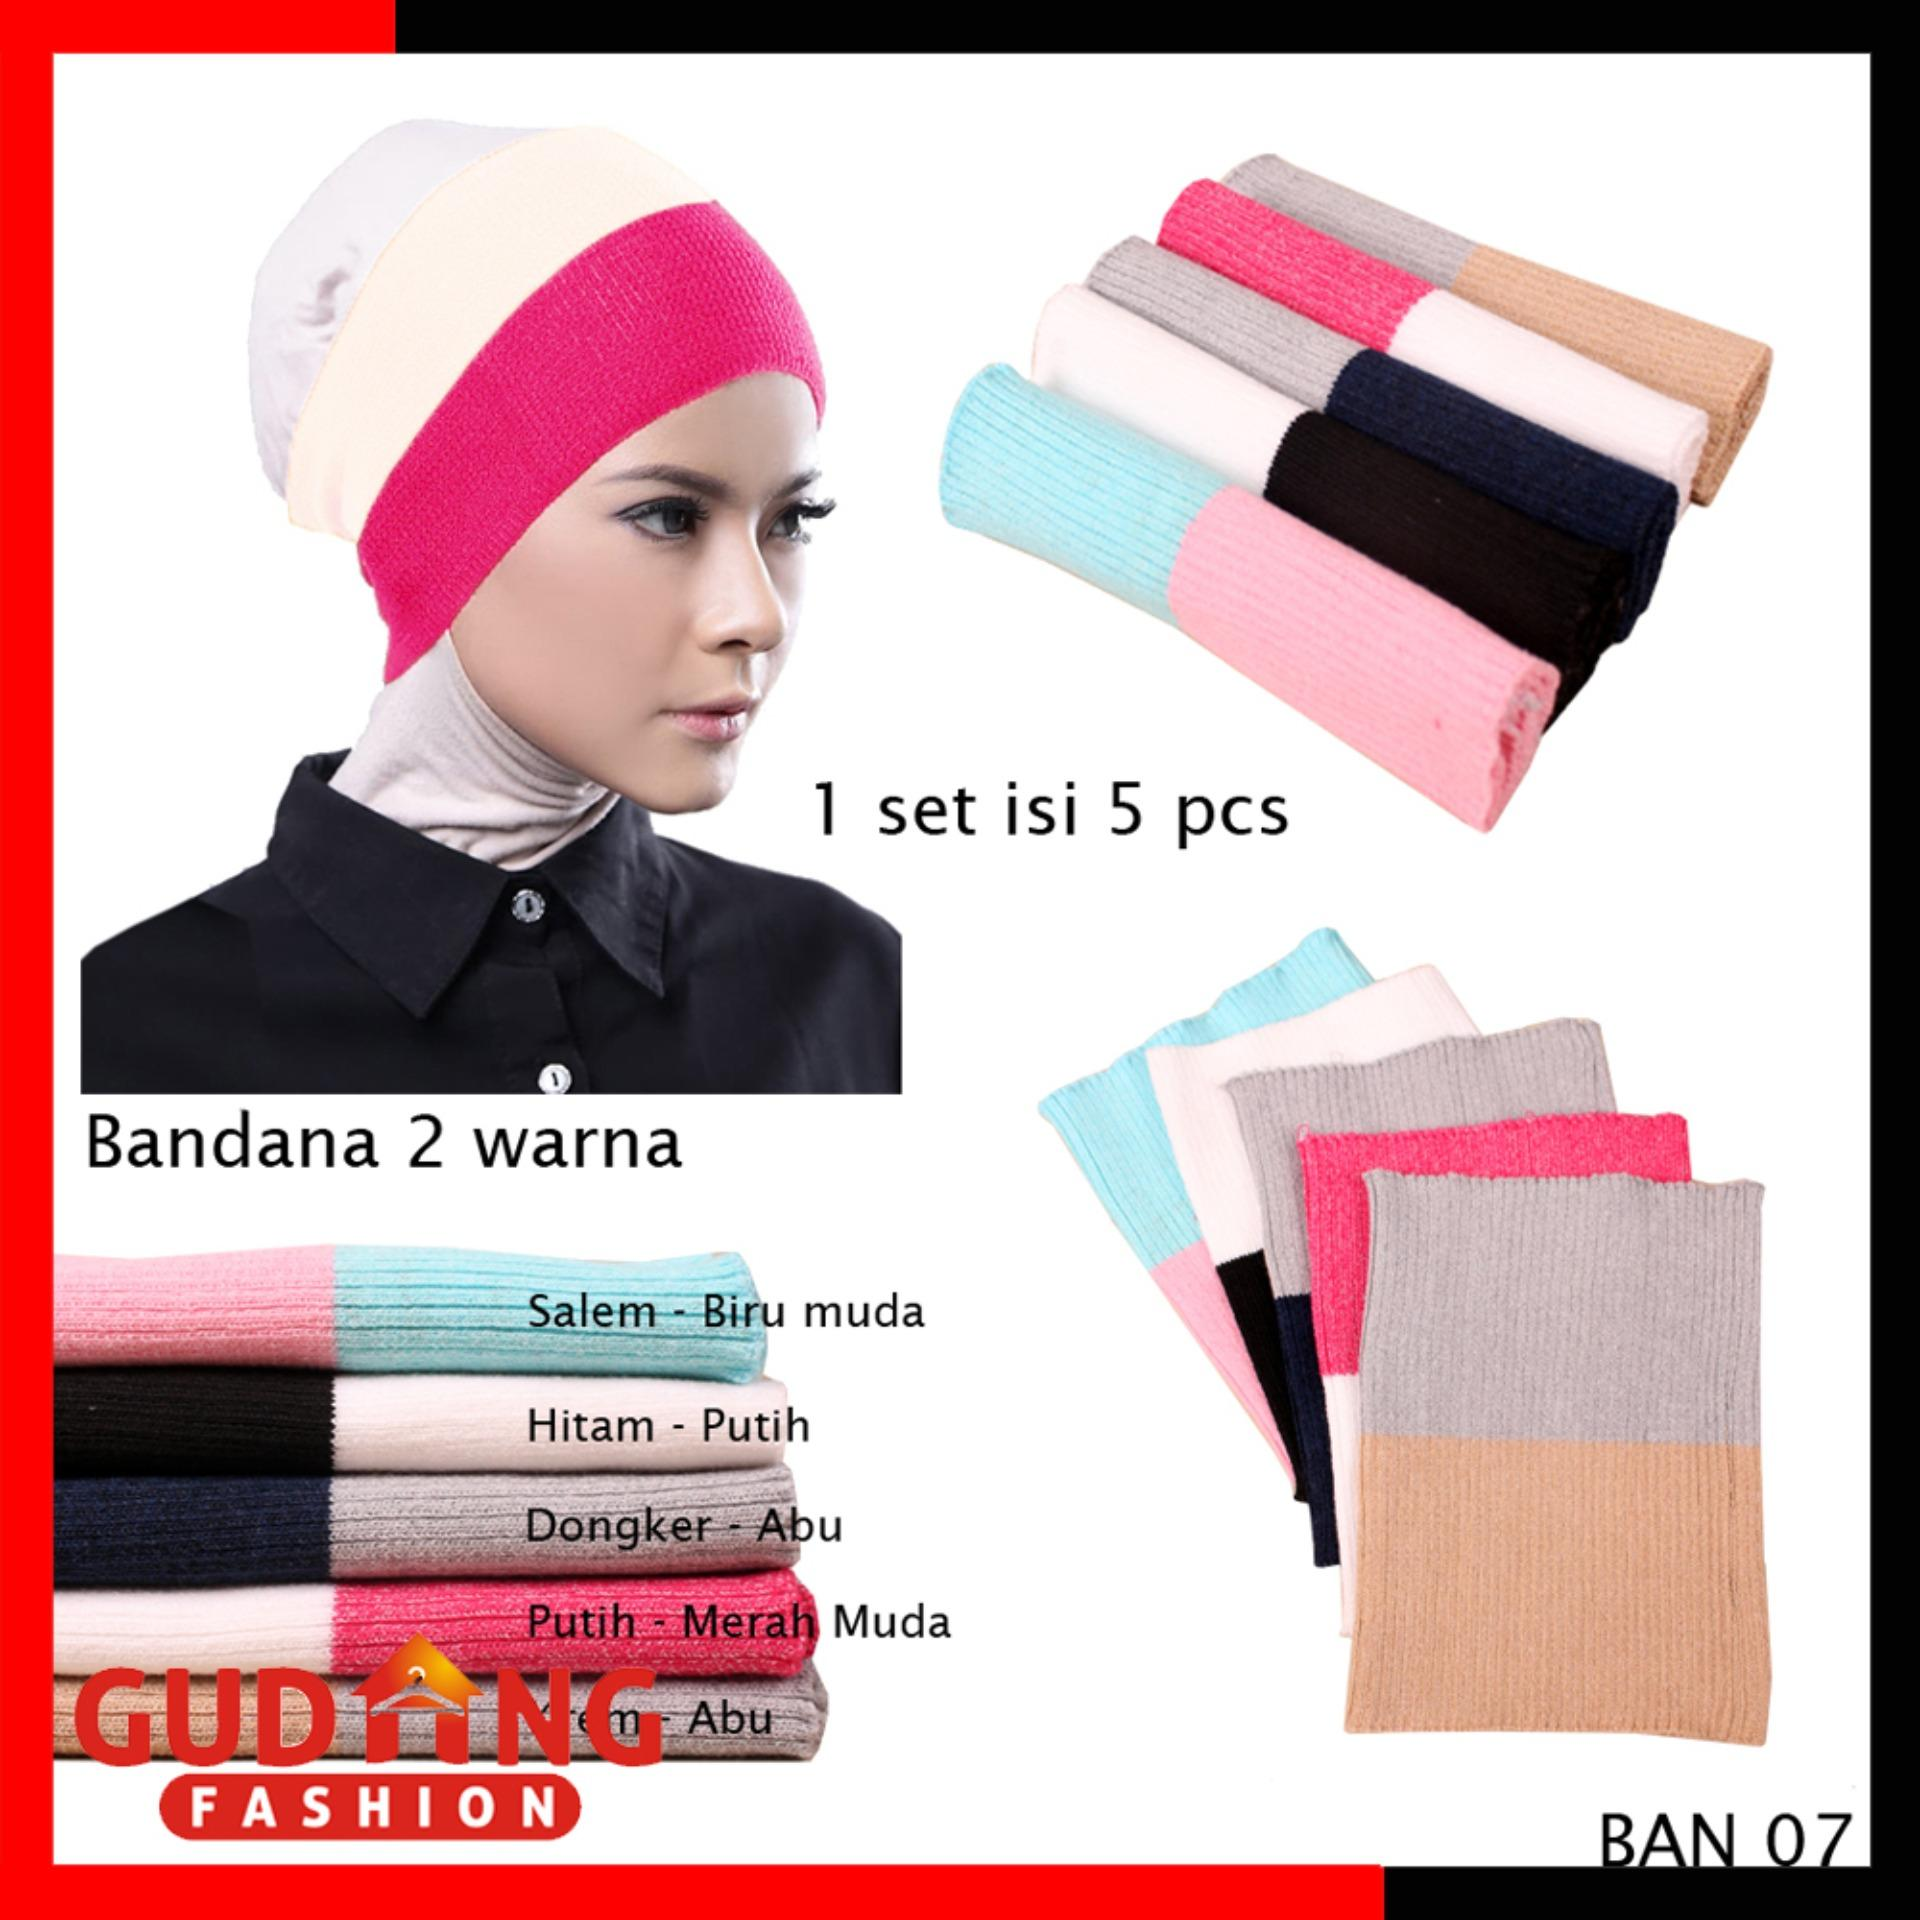 Gudang Fashion - Bandana Rajut Premium Polos 2 Warna Isi 5 Pcs - Kombinasi Warna